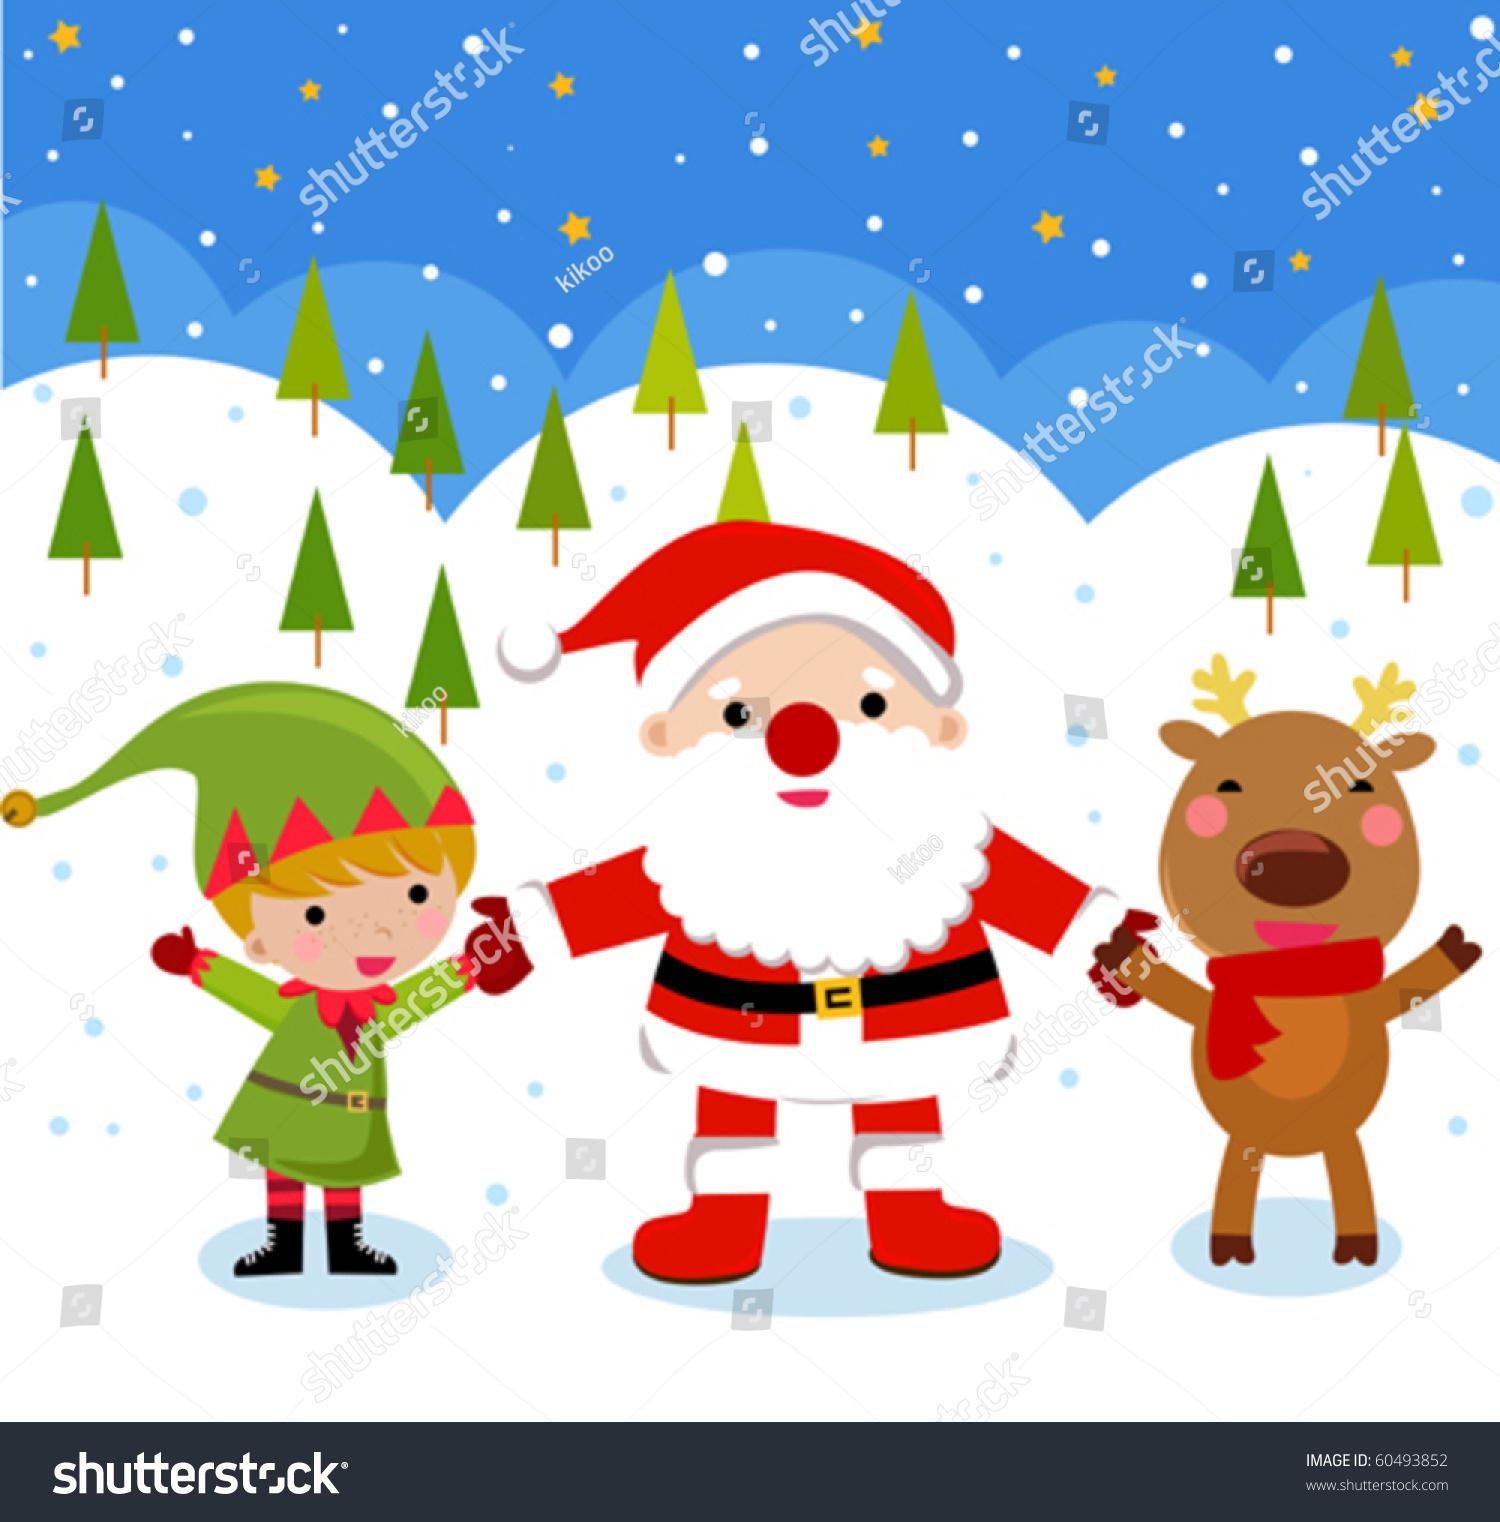 Santa Claus Reindeer Elf Stock Vector 60493852 - Shutterstock